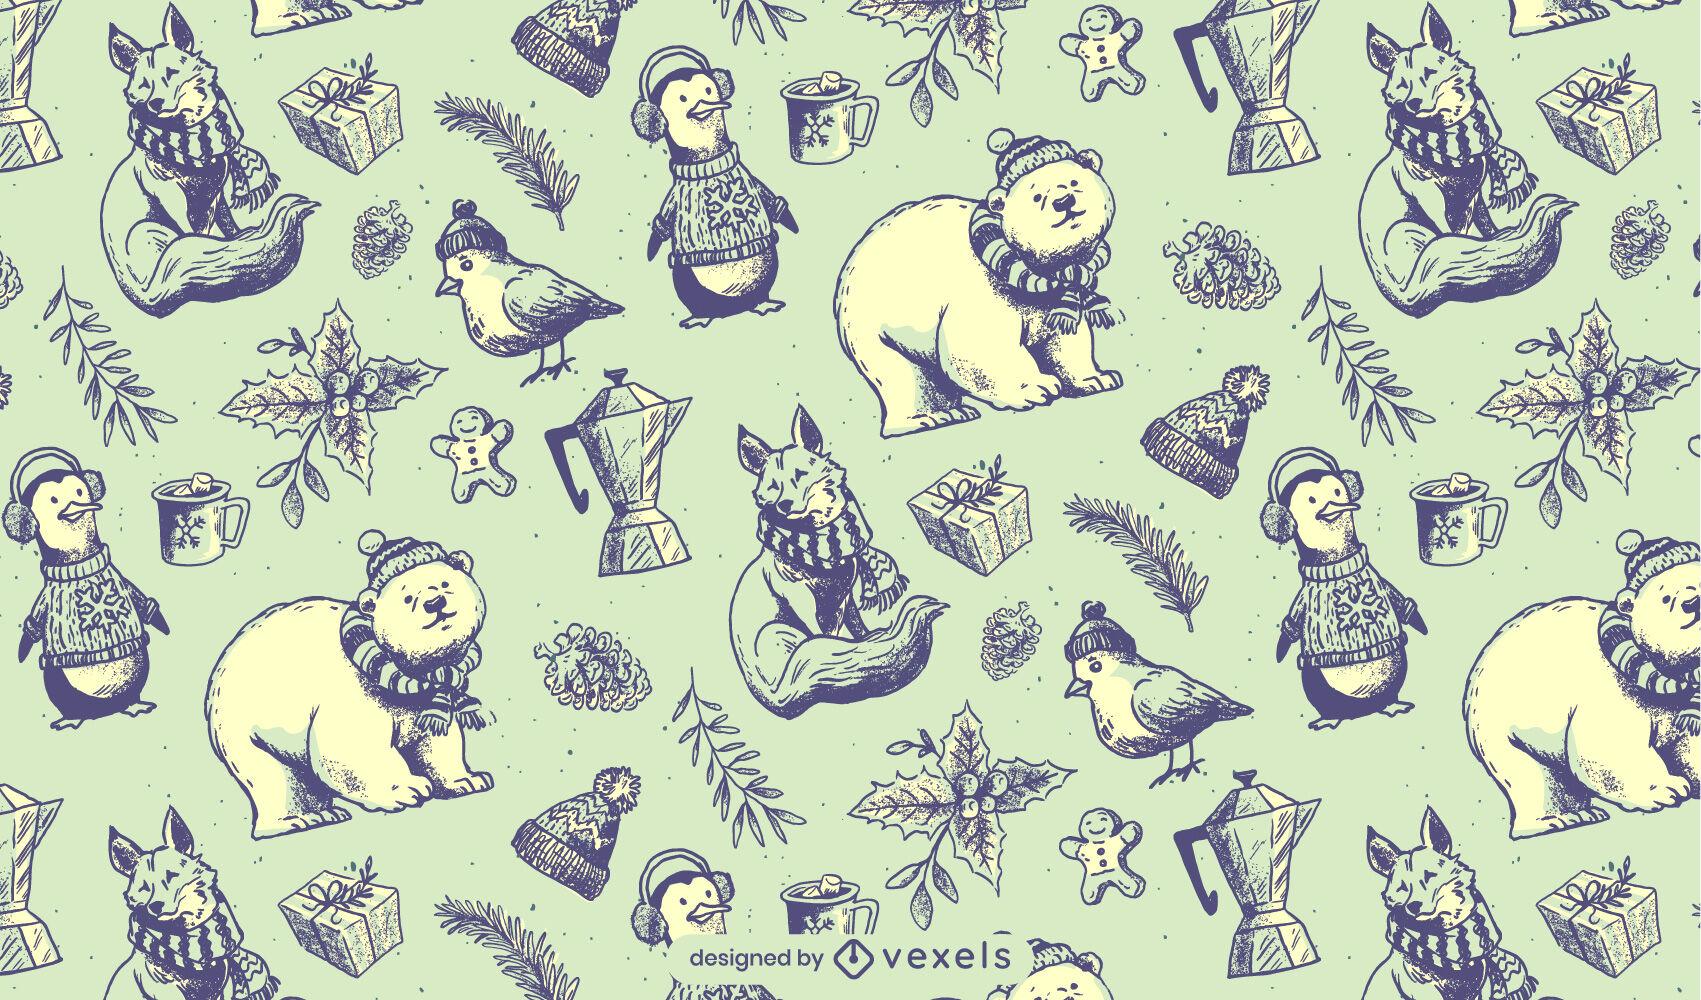 Musterdesign der wilden Tiere der Wintersaison